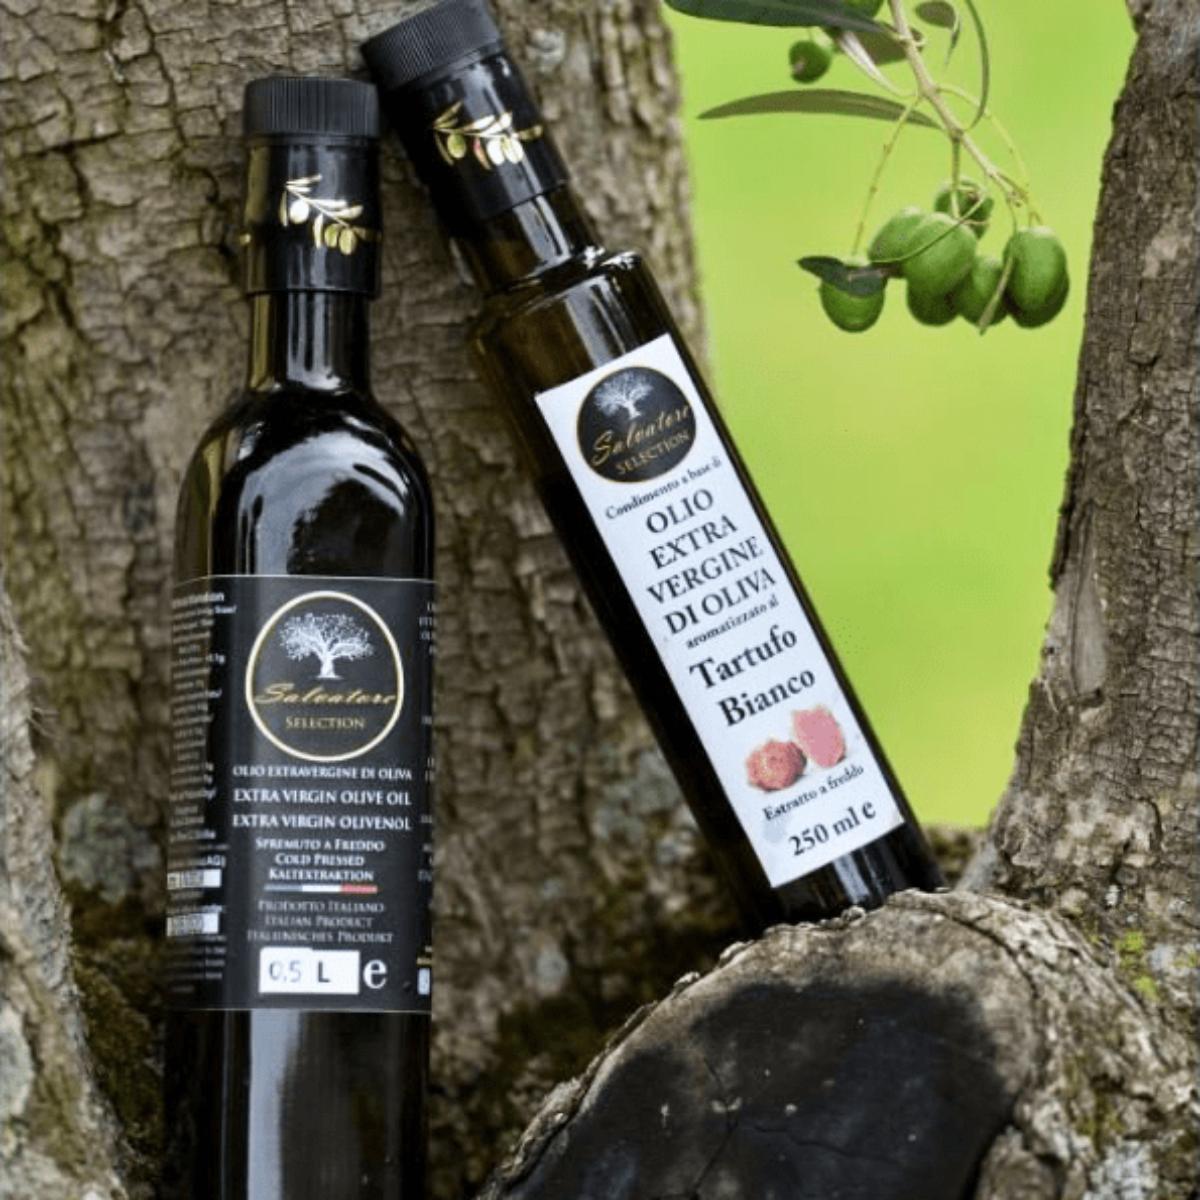 Olio Extravergine Di Oliva Siciliano Prezzi E Vendita Online Evo Bio Dallasicilia Com